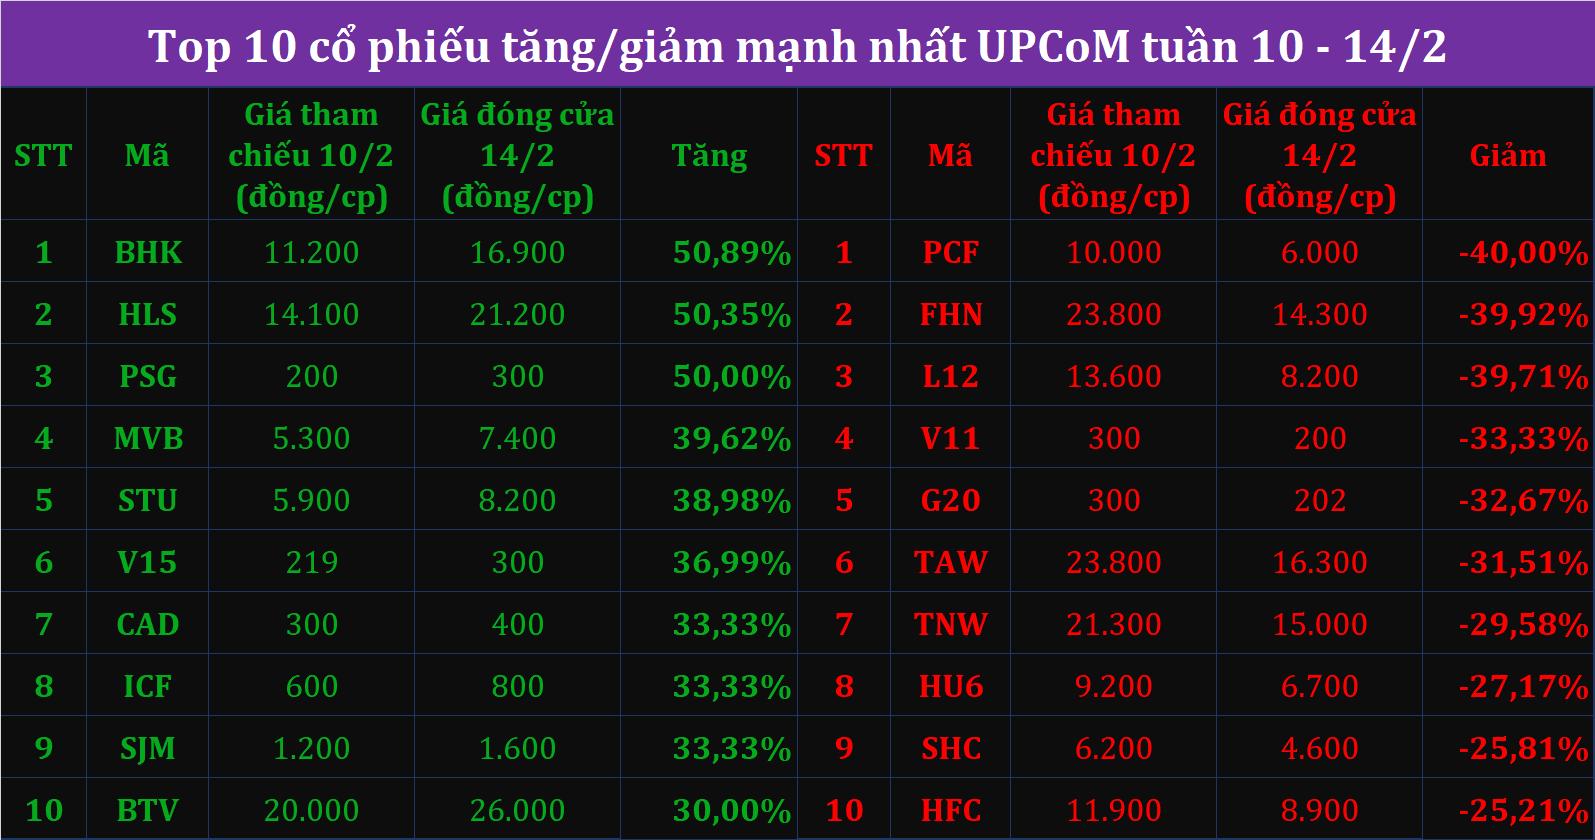 Top10 tăng giảm tuần 10 - 14/2: Vị ngọt của cổ phiếu đường, YEG và ROS hồi phục sau chuỗi ngày lao dốc - Ảnh 3.